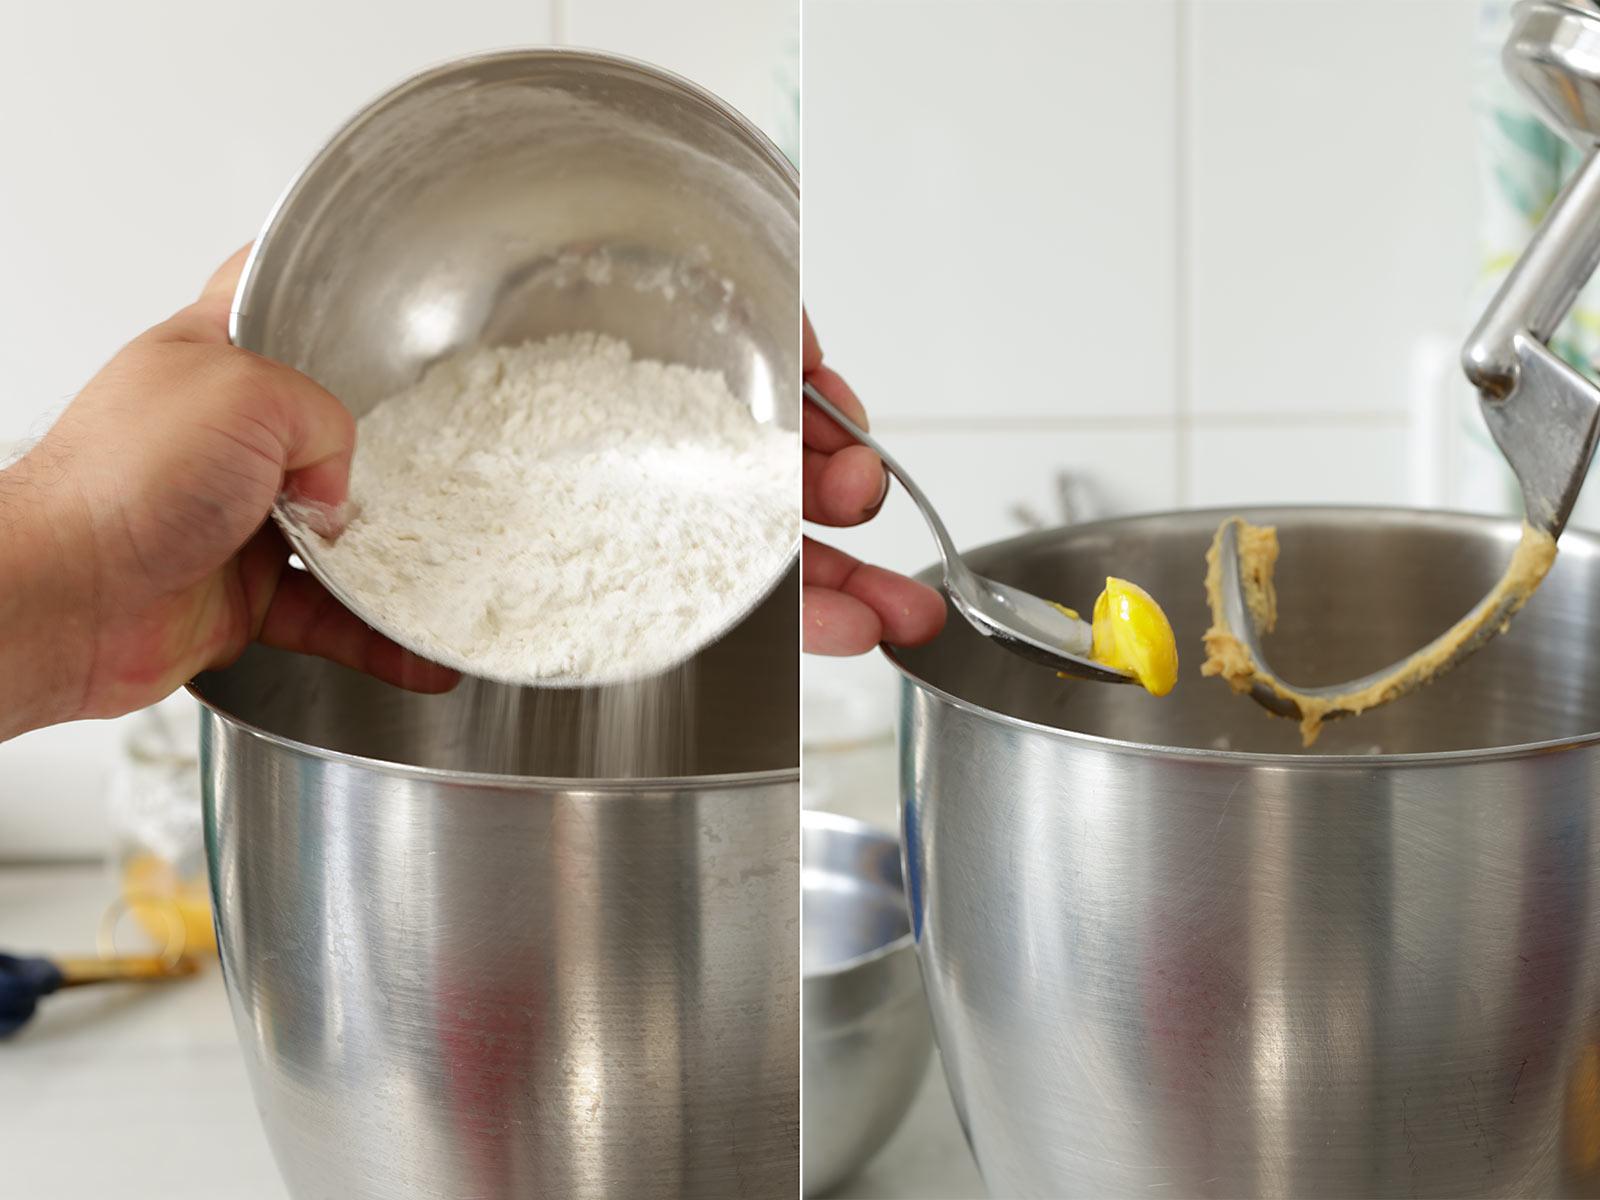 Receta de bollos de calabaza y leche condensada